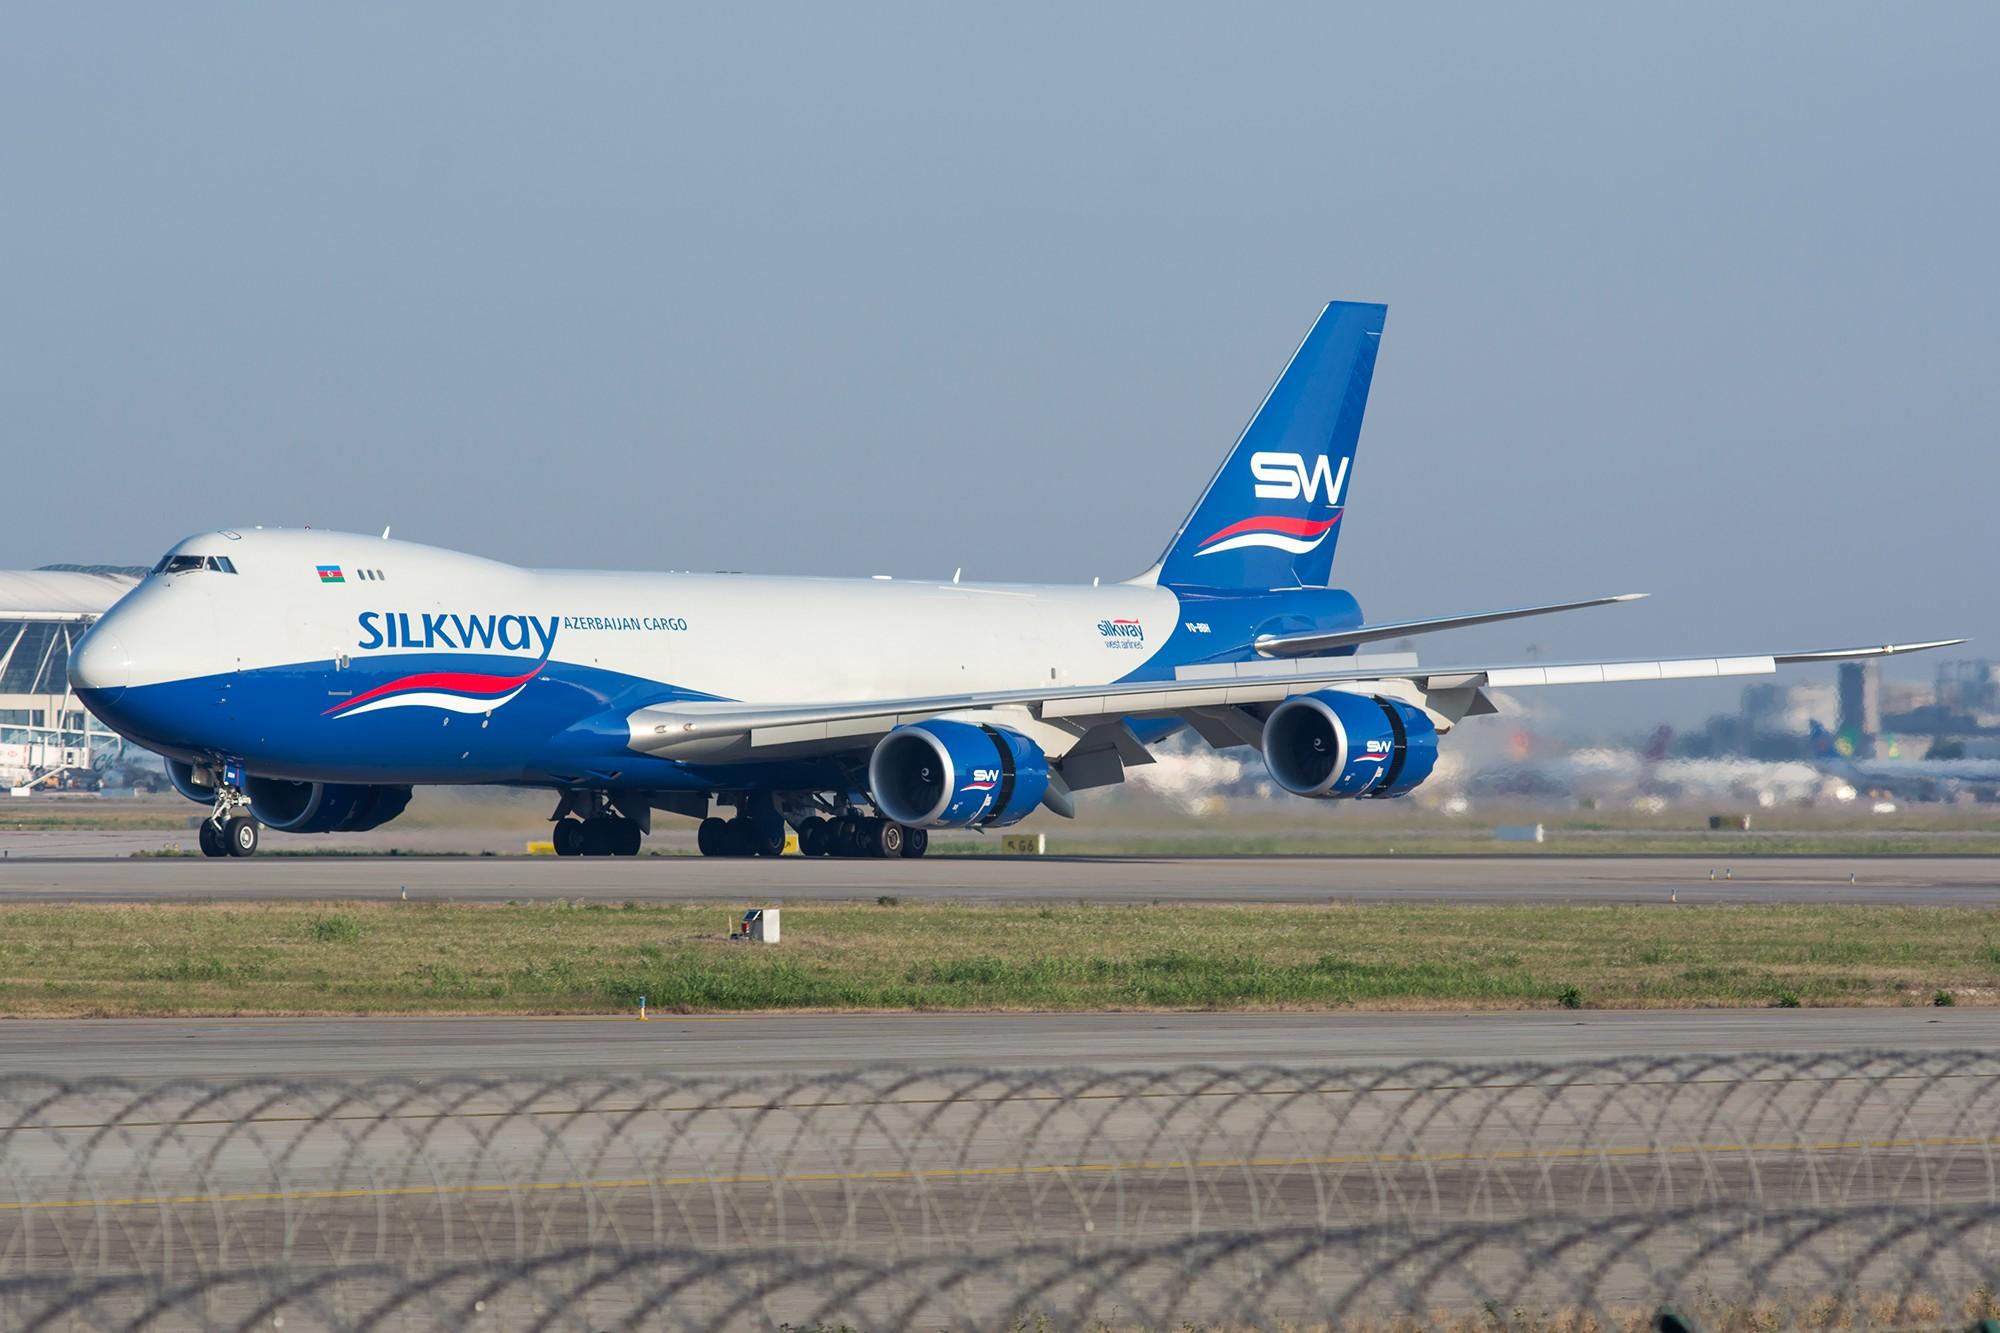 [原创][PVG] 首见丝路航空B748,早起的鸟儿有虫吃! BOEING 747-8F VQ-BBH 中国上海浦东国际机场